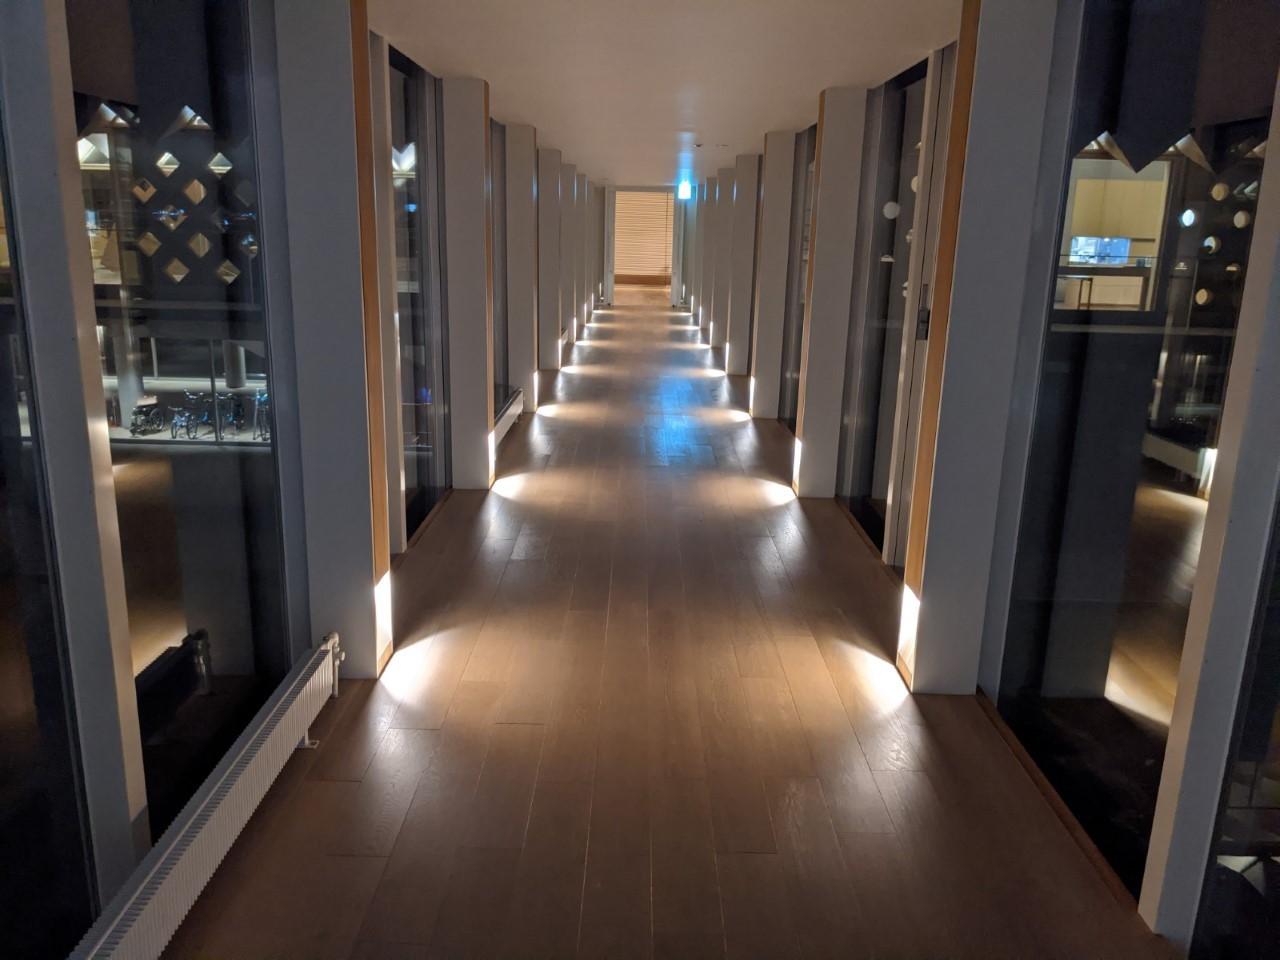 ホテル内は木の温もりに包まれて、空間の広がりを実感!